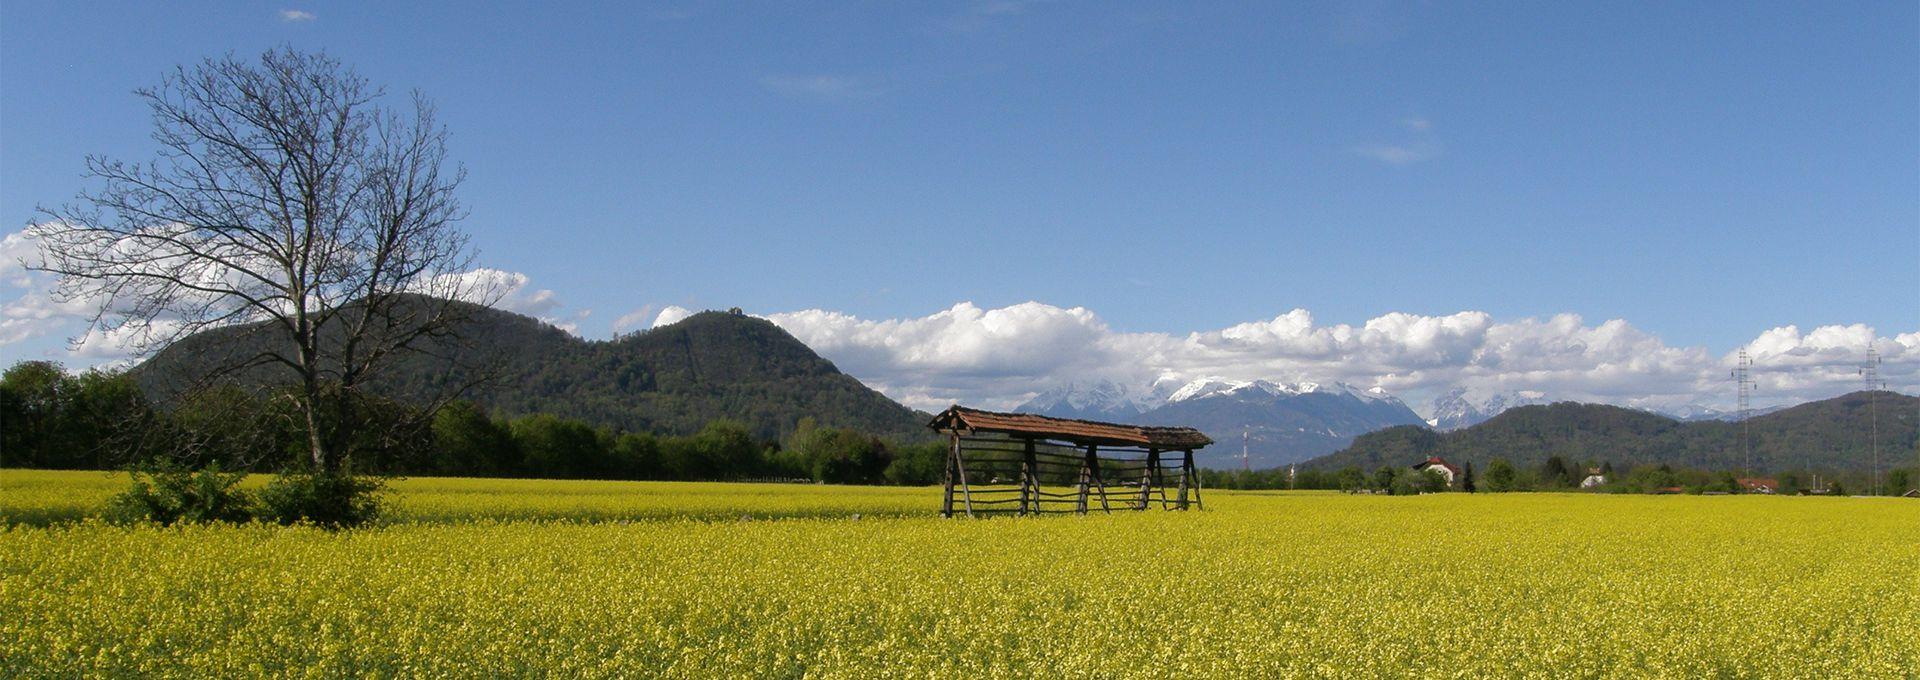 Naša župnija leži v čudoviti naravi med Šentviškim hribom ter Savo in Šmarno goro